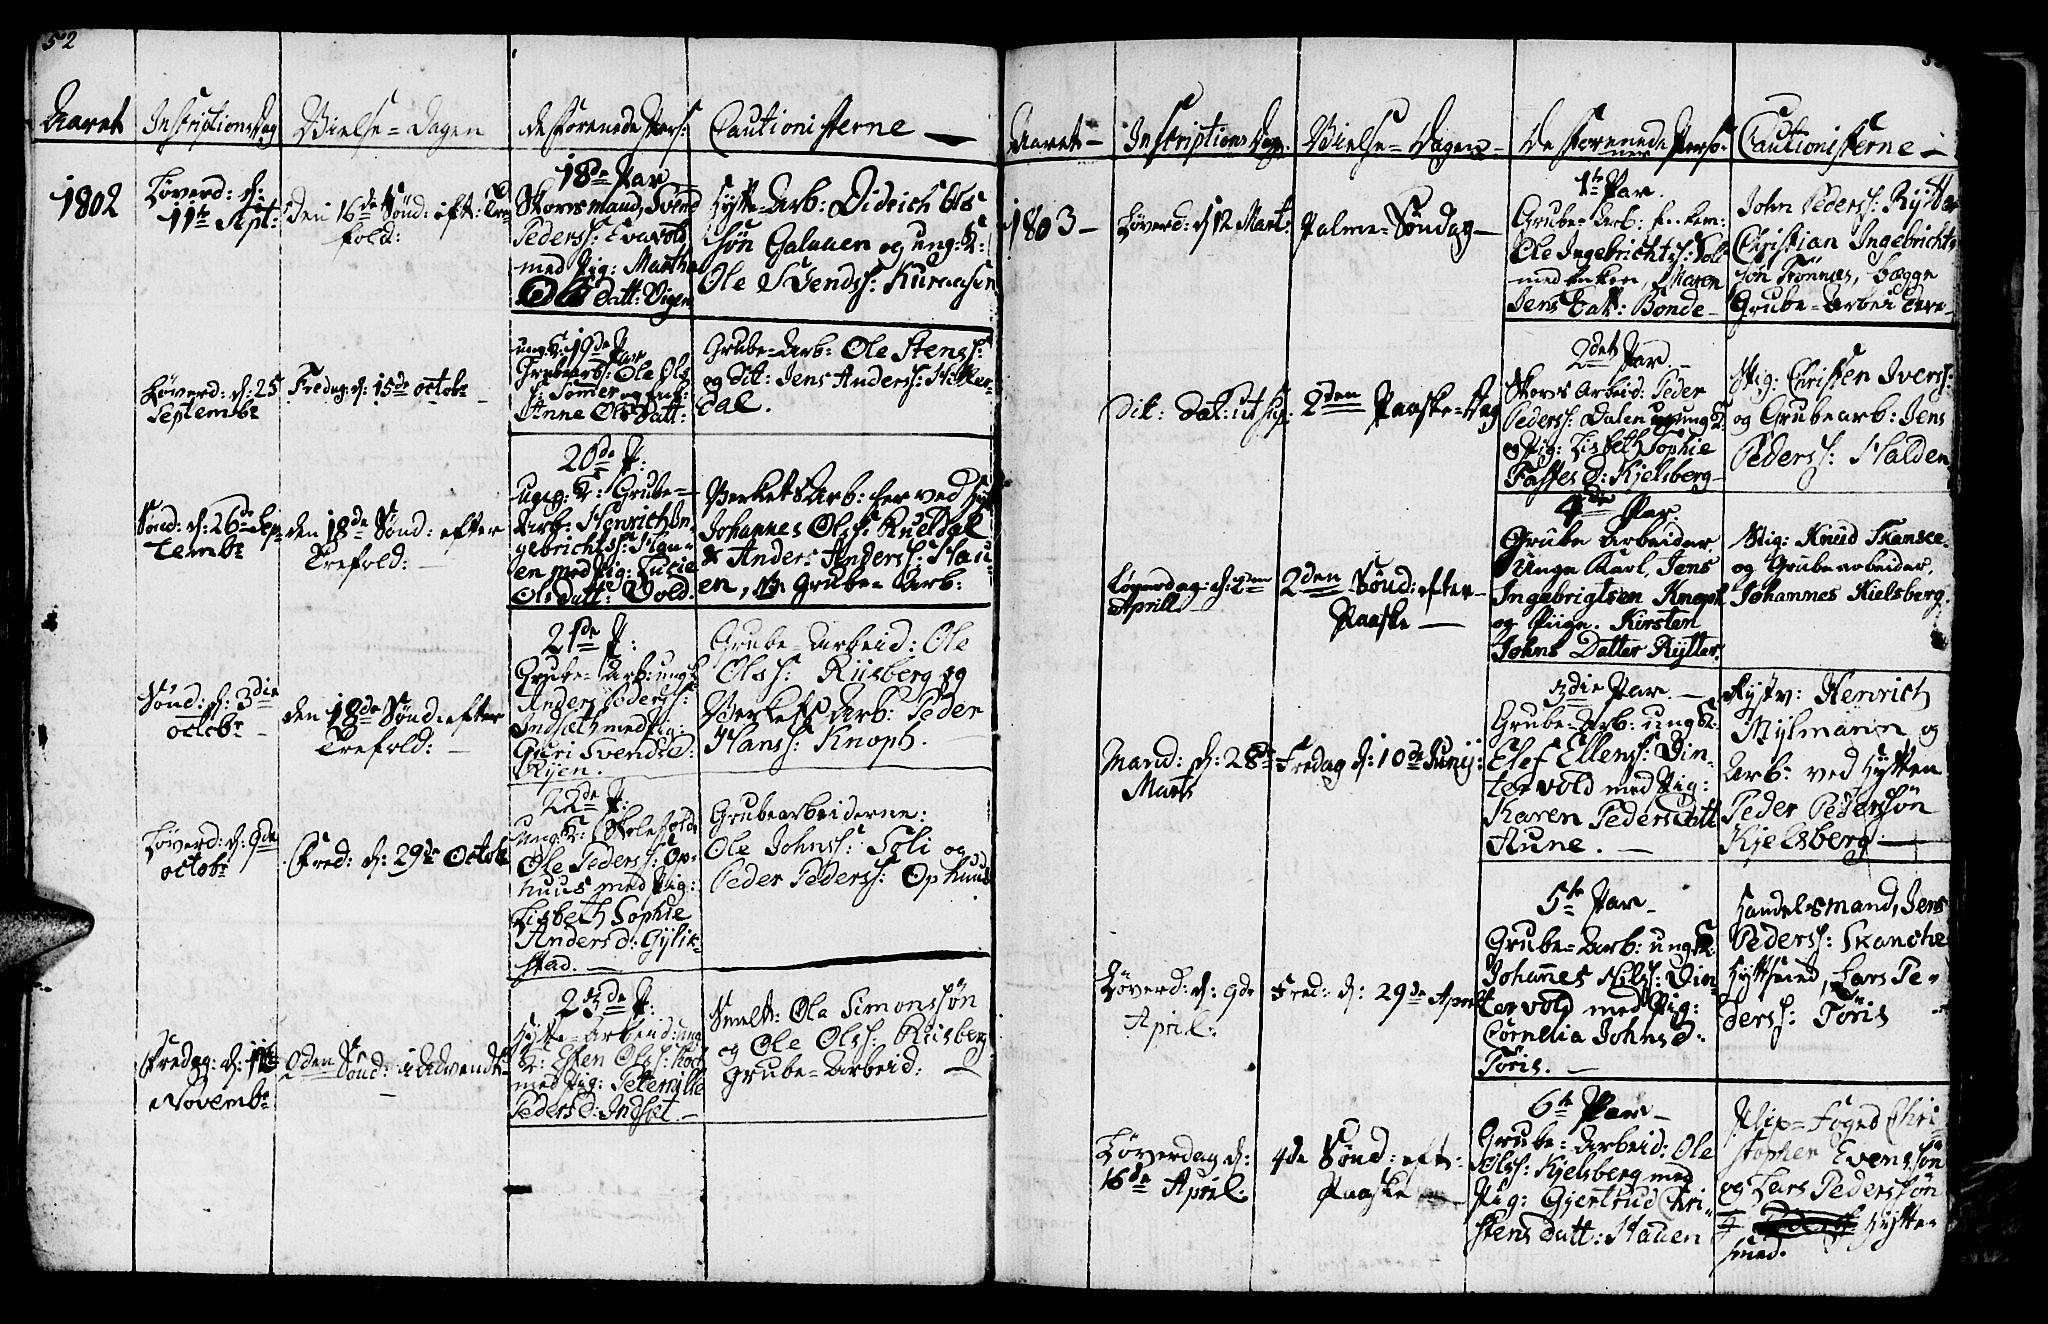 SAT, Ministerialprotokoller, klokkerbøker og fødselsregistre - Sør-Trøndelag, 681/L0937: Klokkerbok nr. 681C01, 1798-1810, s. 52-53